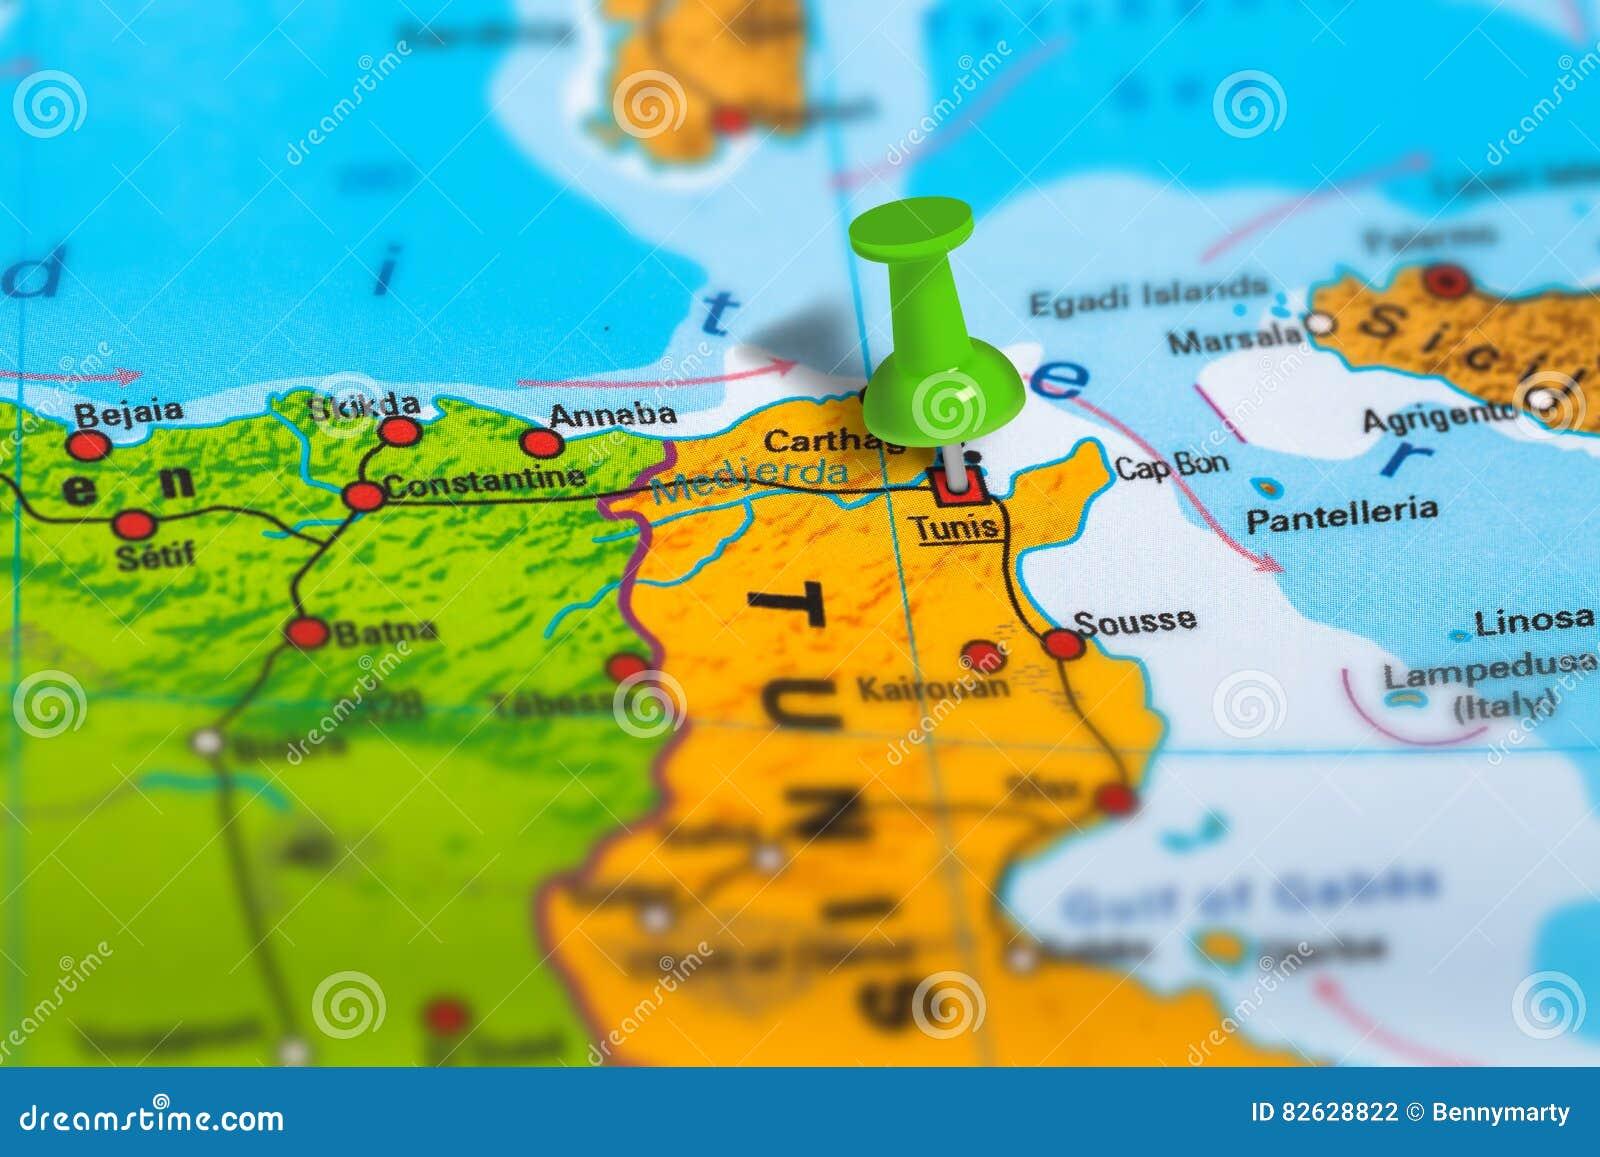 Tunesien Karte.Karte Tunis Tunesien Stockfoto Bild Von Markiert